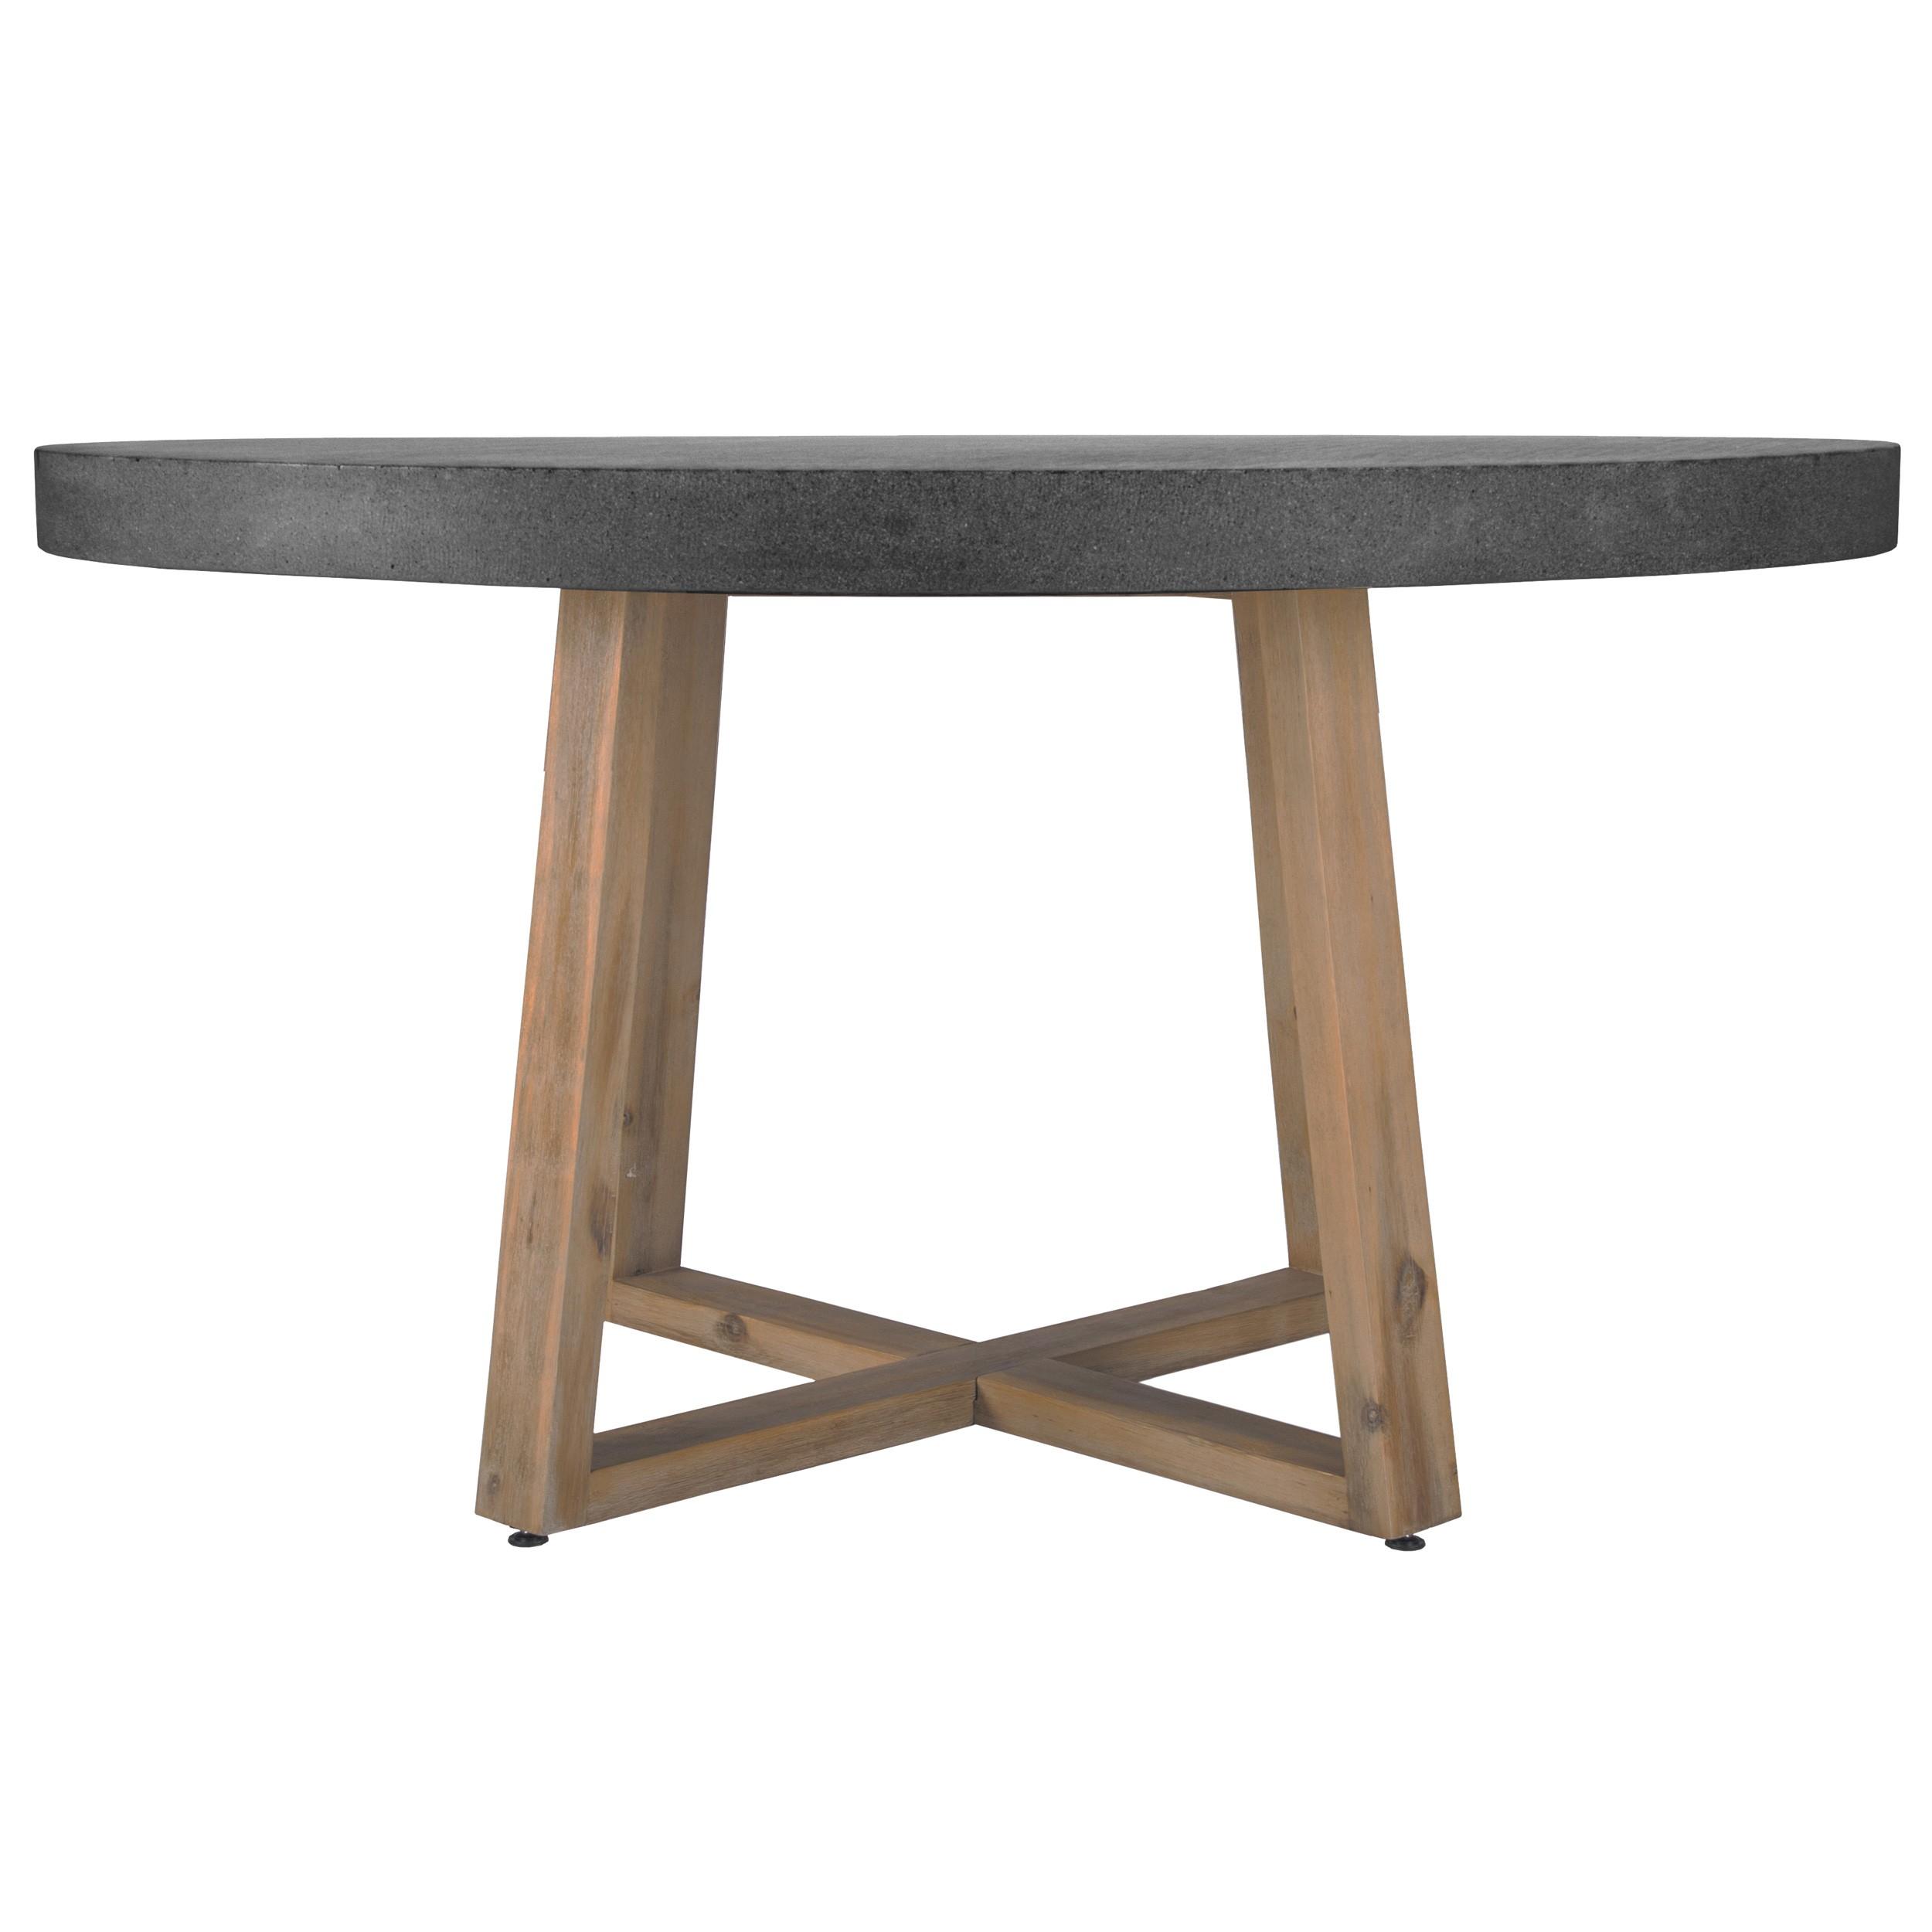 Table Ronde 140 Cm : table ronde tambora 140 cm essayez les tables rondes tambora 140 cm rdv d co ~ Teatrodelosmanantiales.com Idées de Décoration